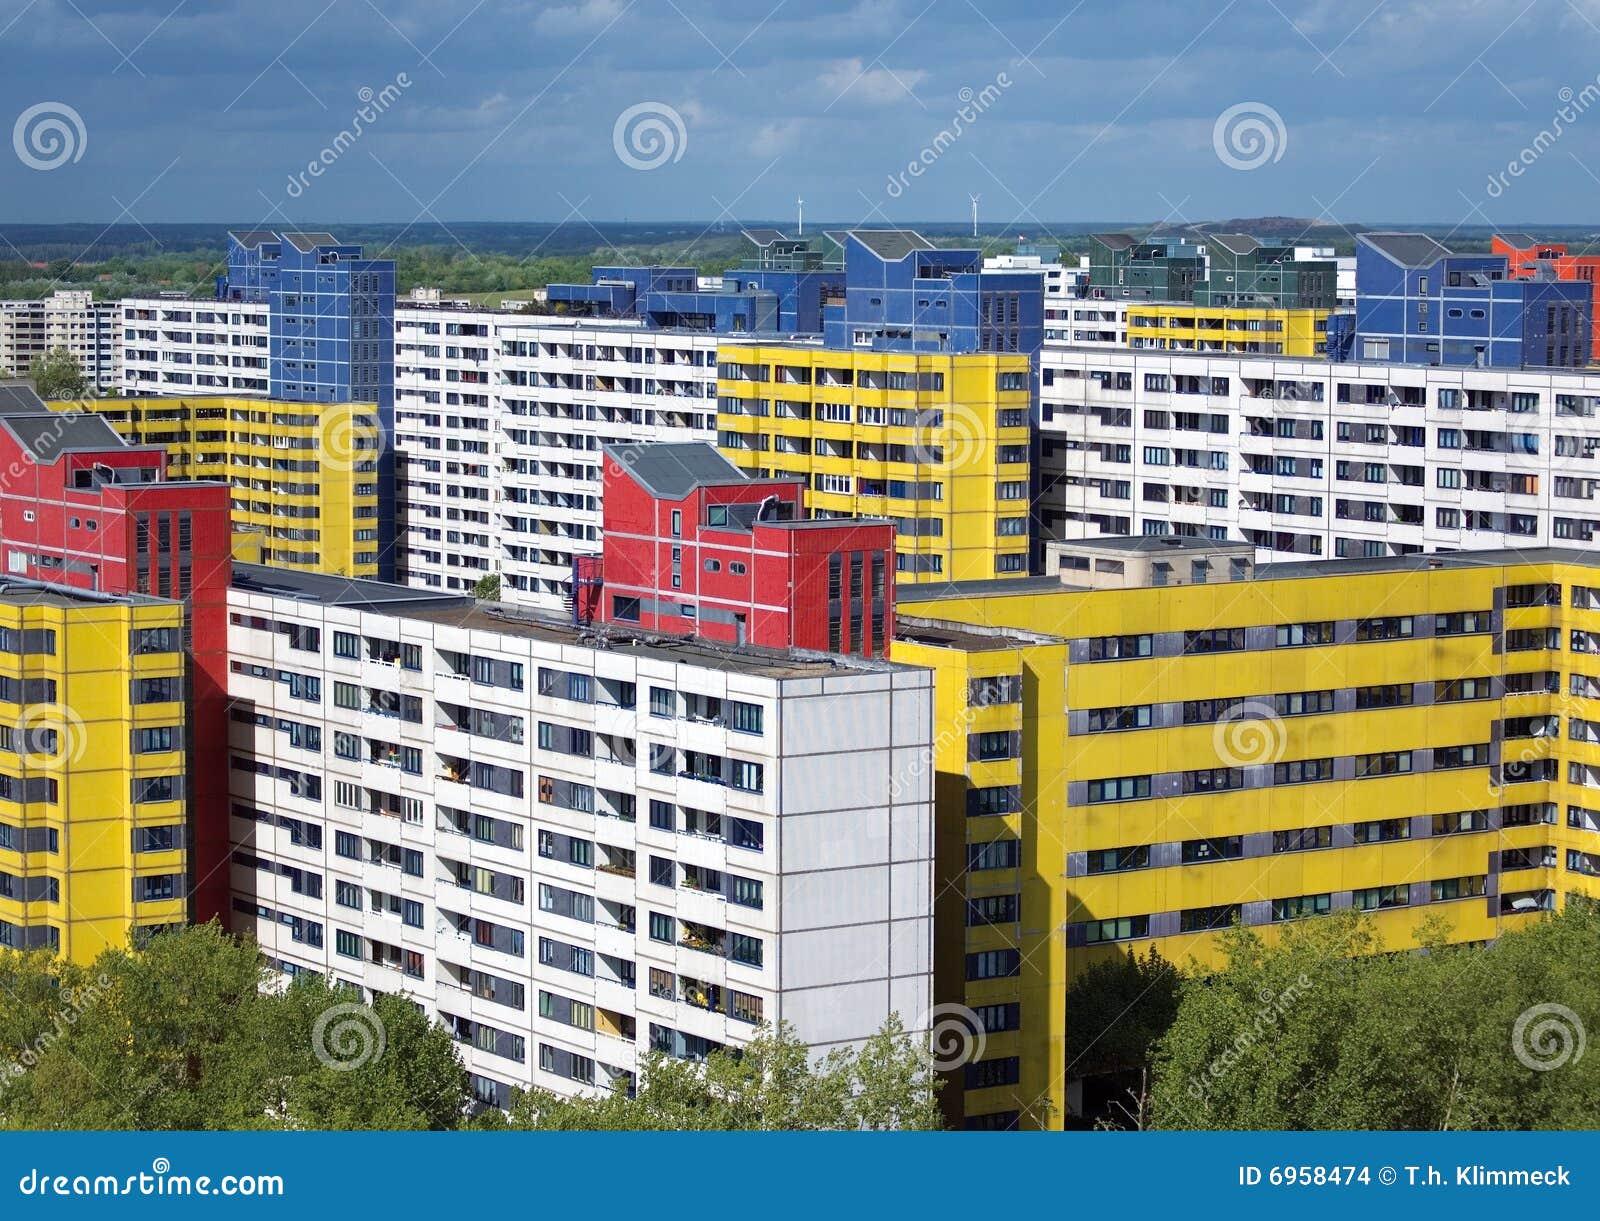 Berlin förort